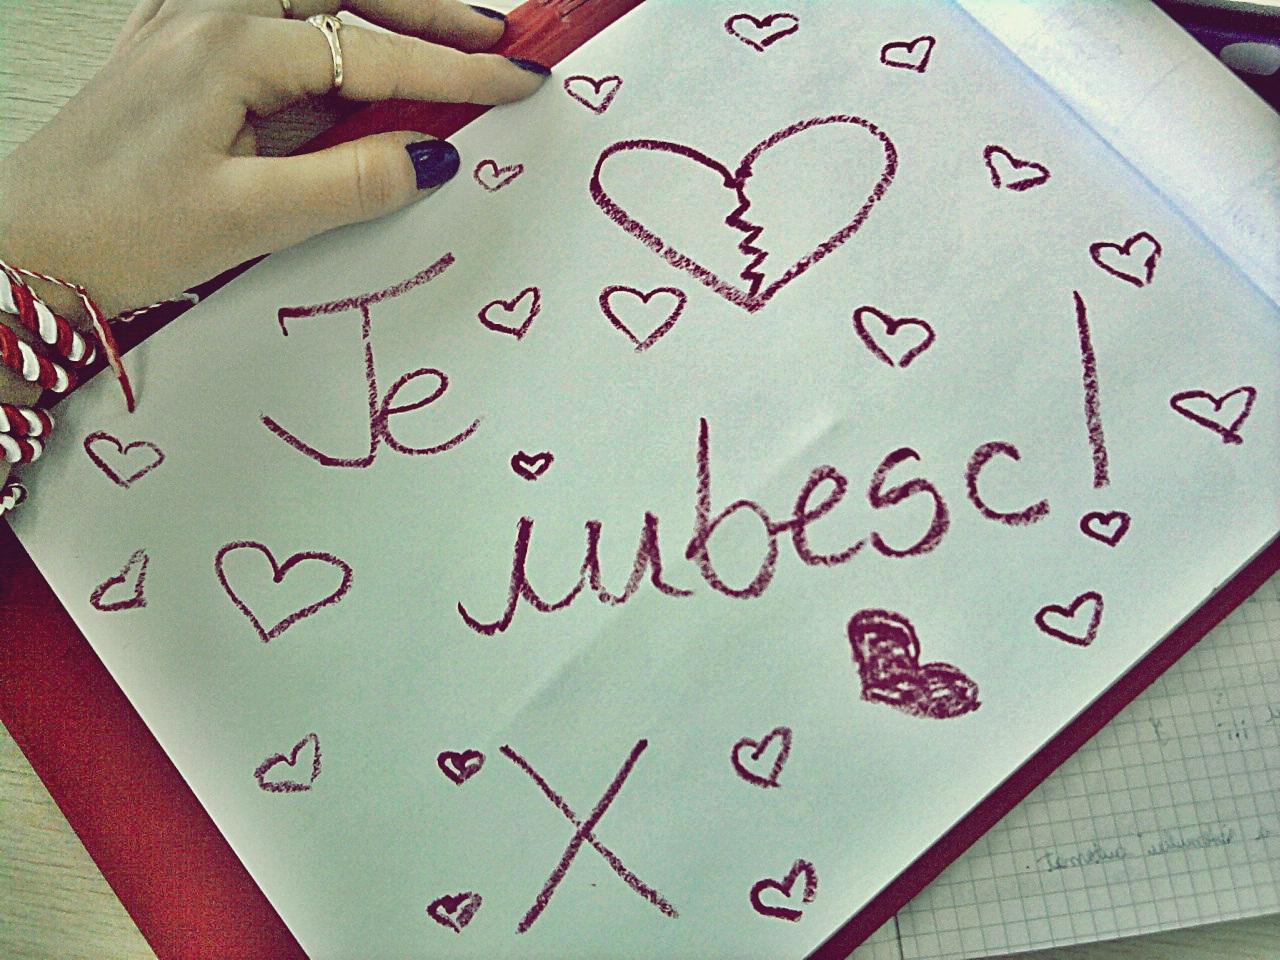 http://1.bp.blogspot.com/-_KbeLFURRAk/T1IogPFk1ZI/AAAAAAAADRg/pyrvThqIswc/s1600/te+iubesc+(7).jpg